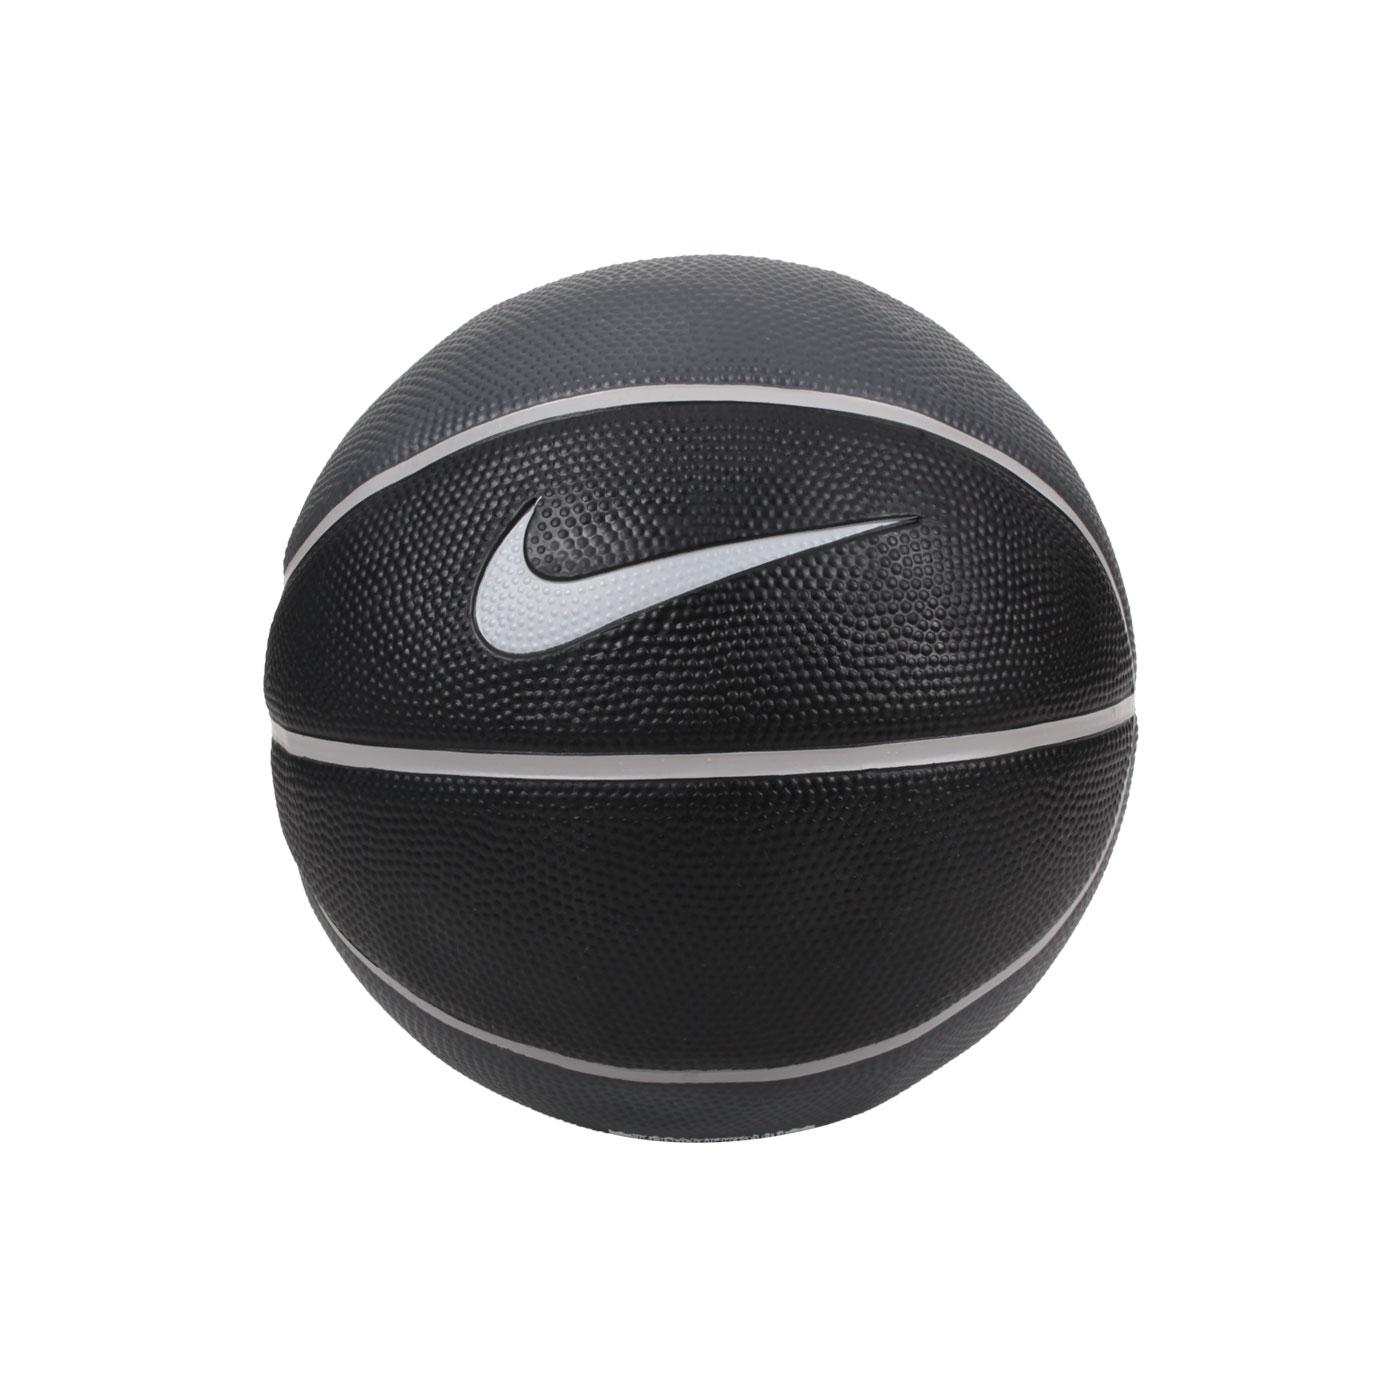 NIKE LEBRON SKILLS 3號籃球 N100173602103 - 黑灰